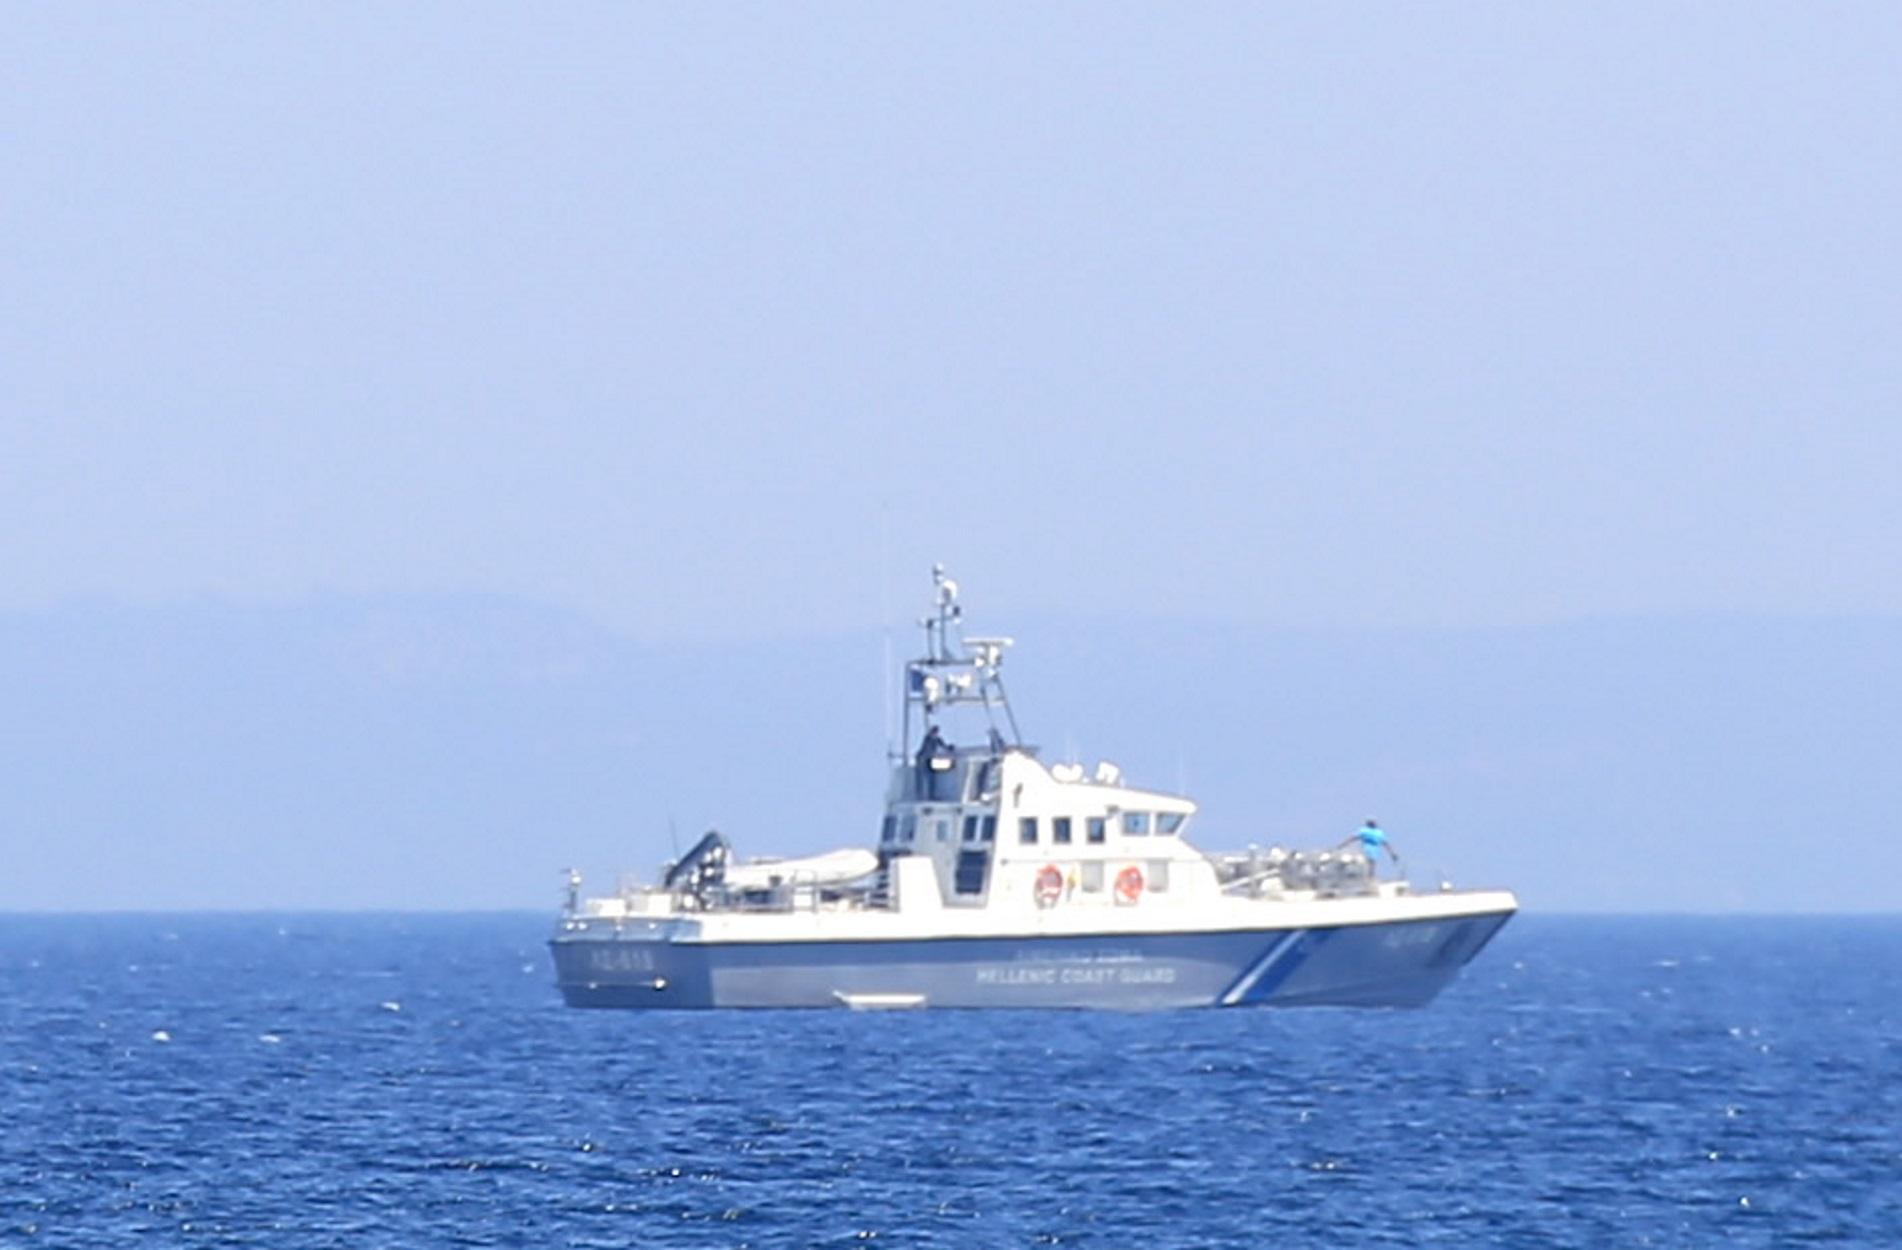 Μυτιλήνη: Εντοπίστηκαν και διασώθηκαν αγνοούμενοι του ναυαγίου – Δάκρυα για τον νεκρό που πέθανε από το κρύο